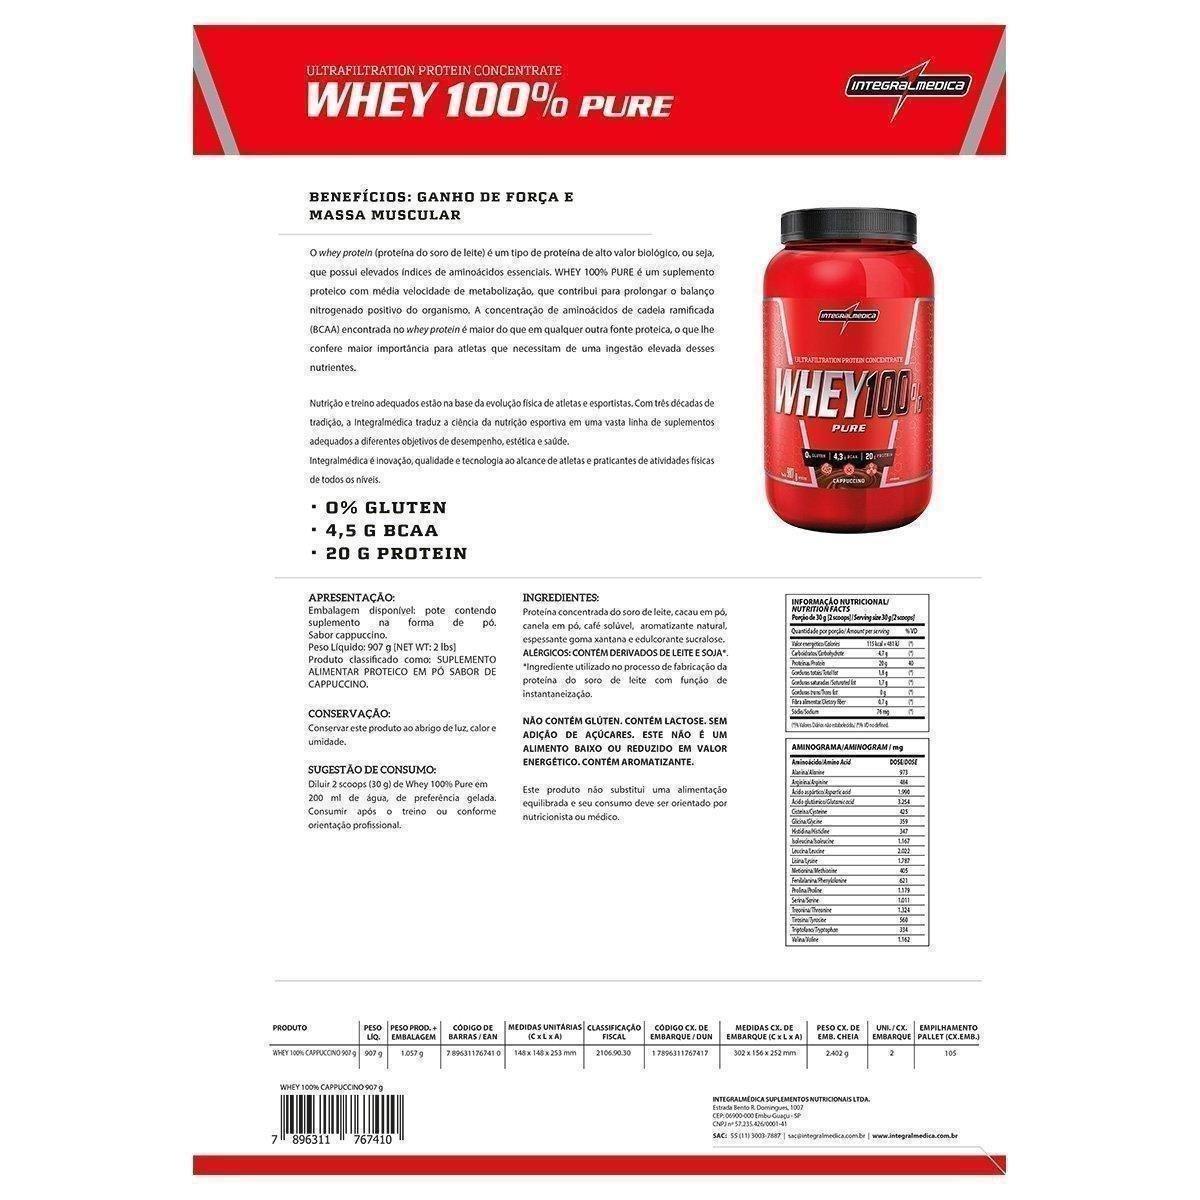 Whey 100% Integralmedica 907G - 1